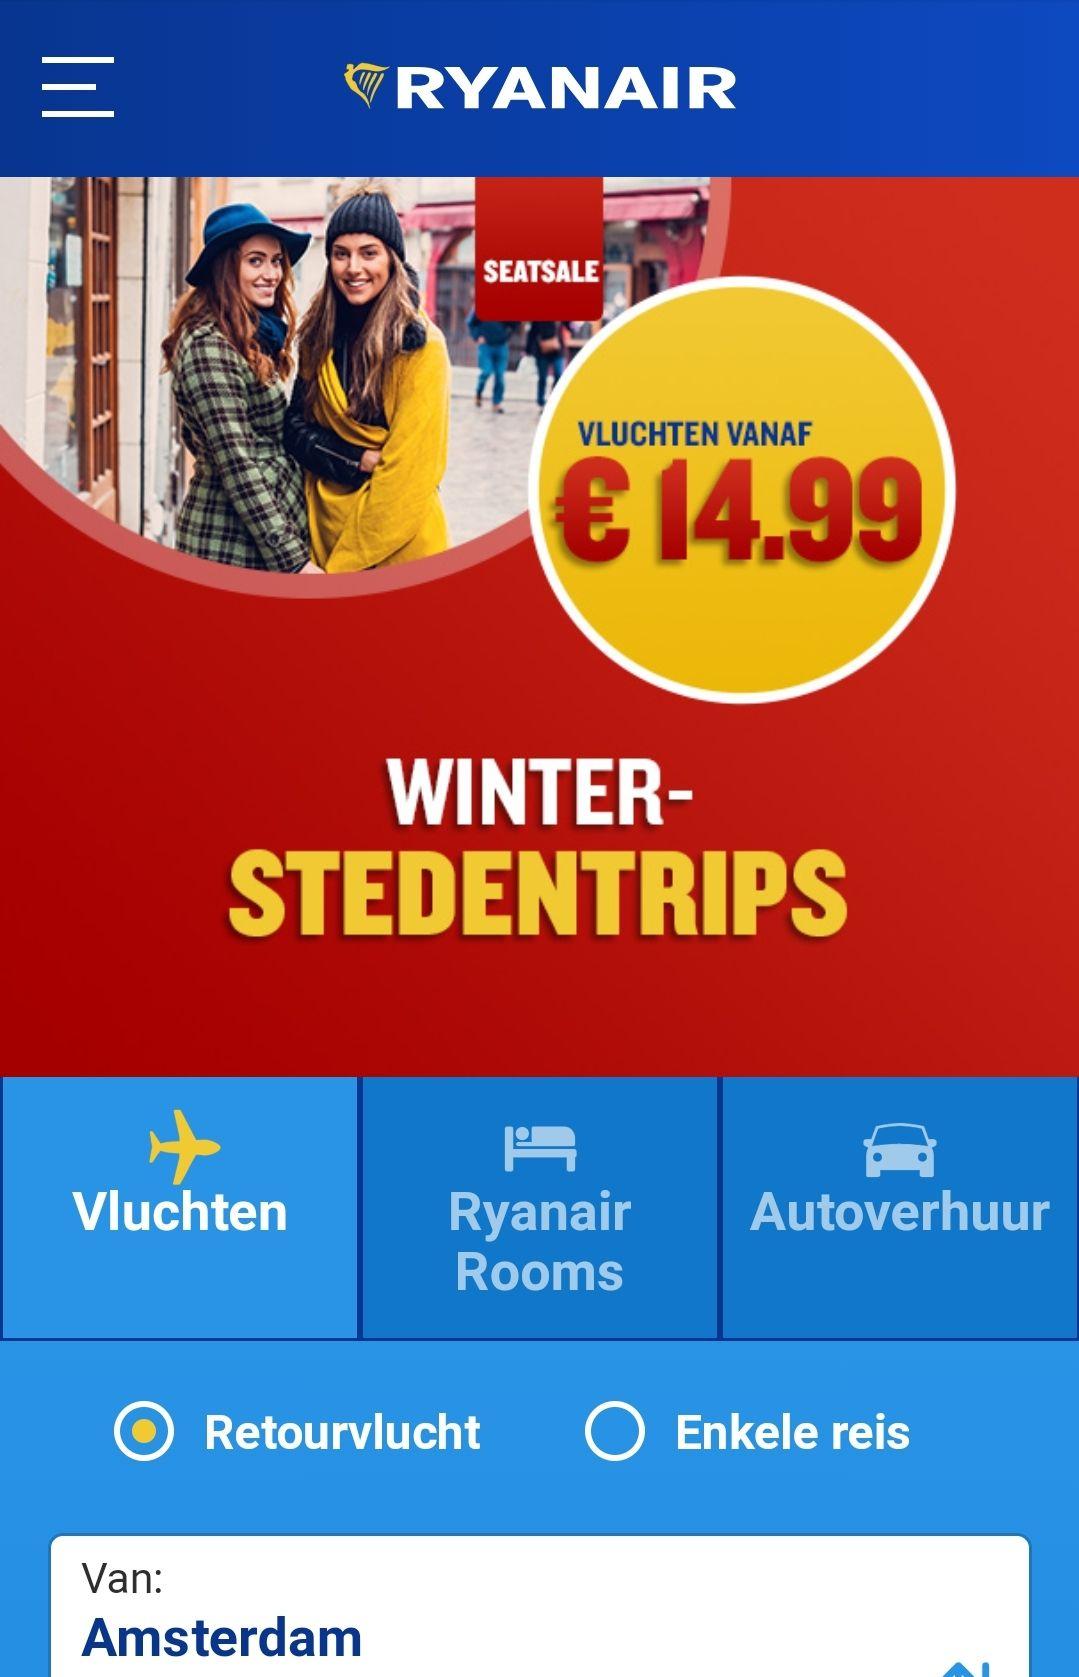 Winteraanbieding bij Ryanair. Vluchten vanaf €7.82